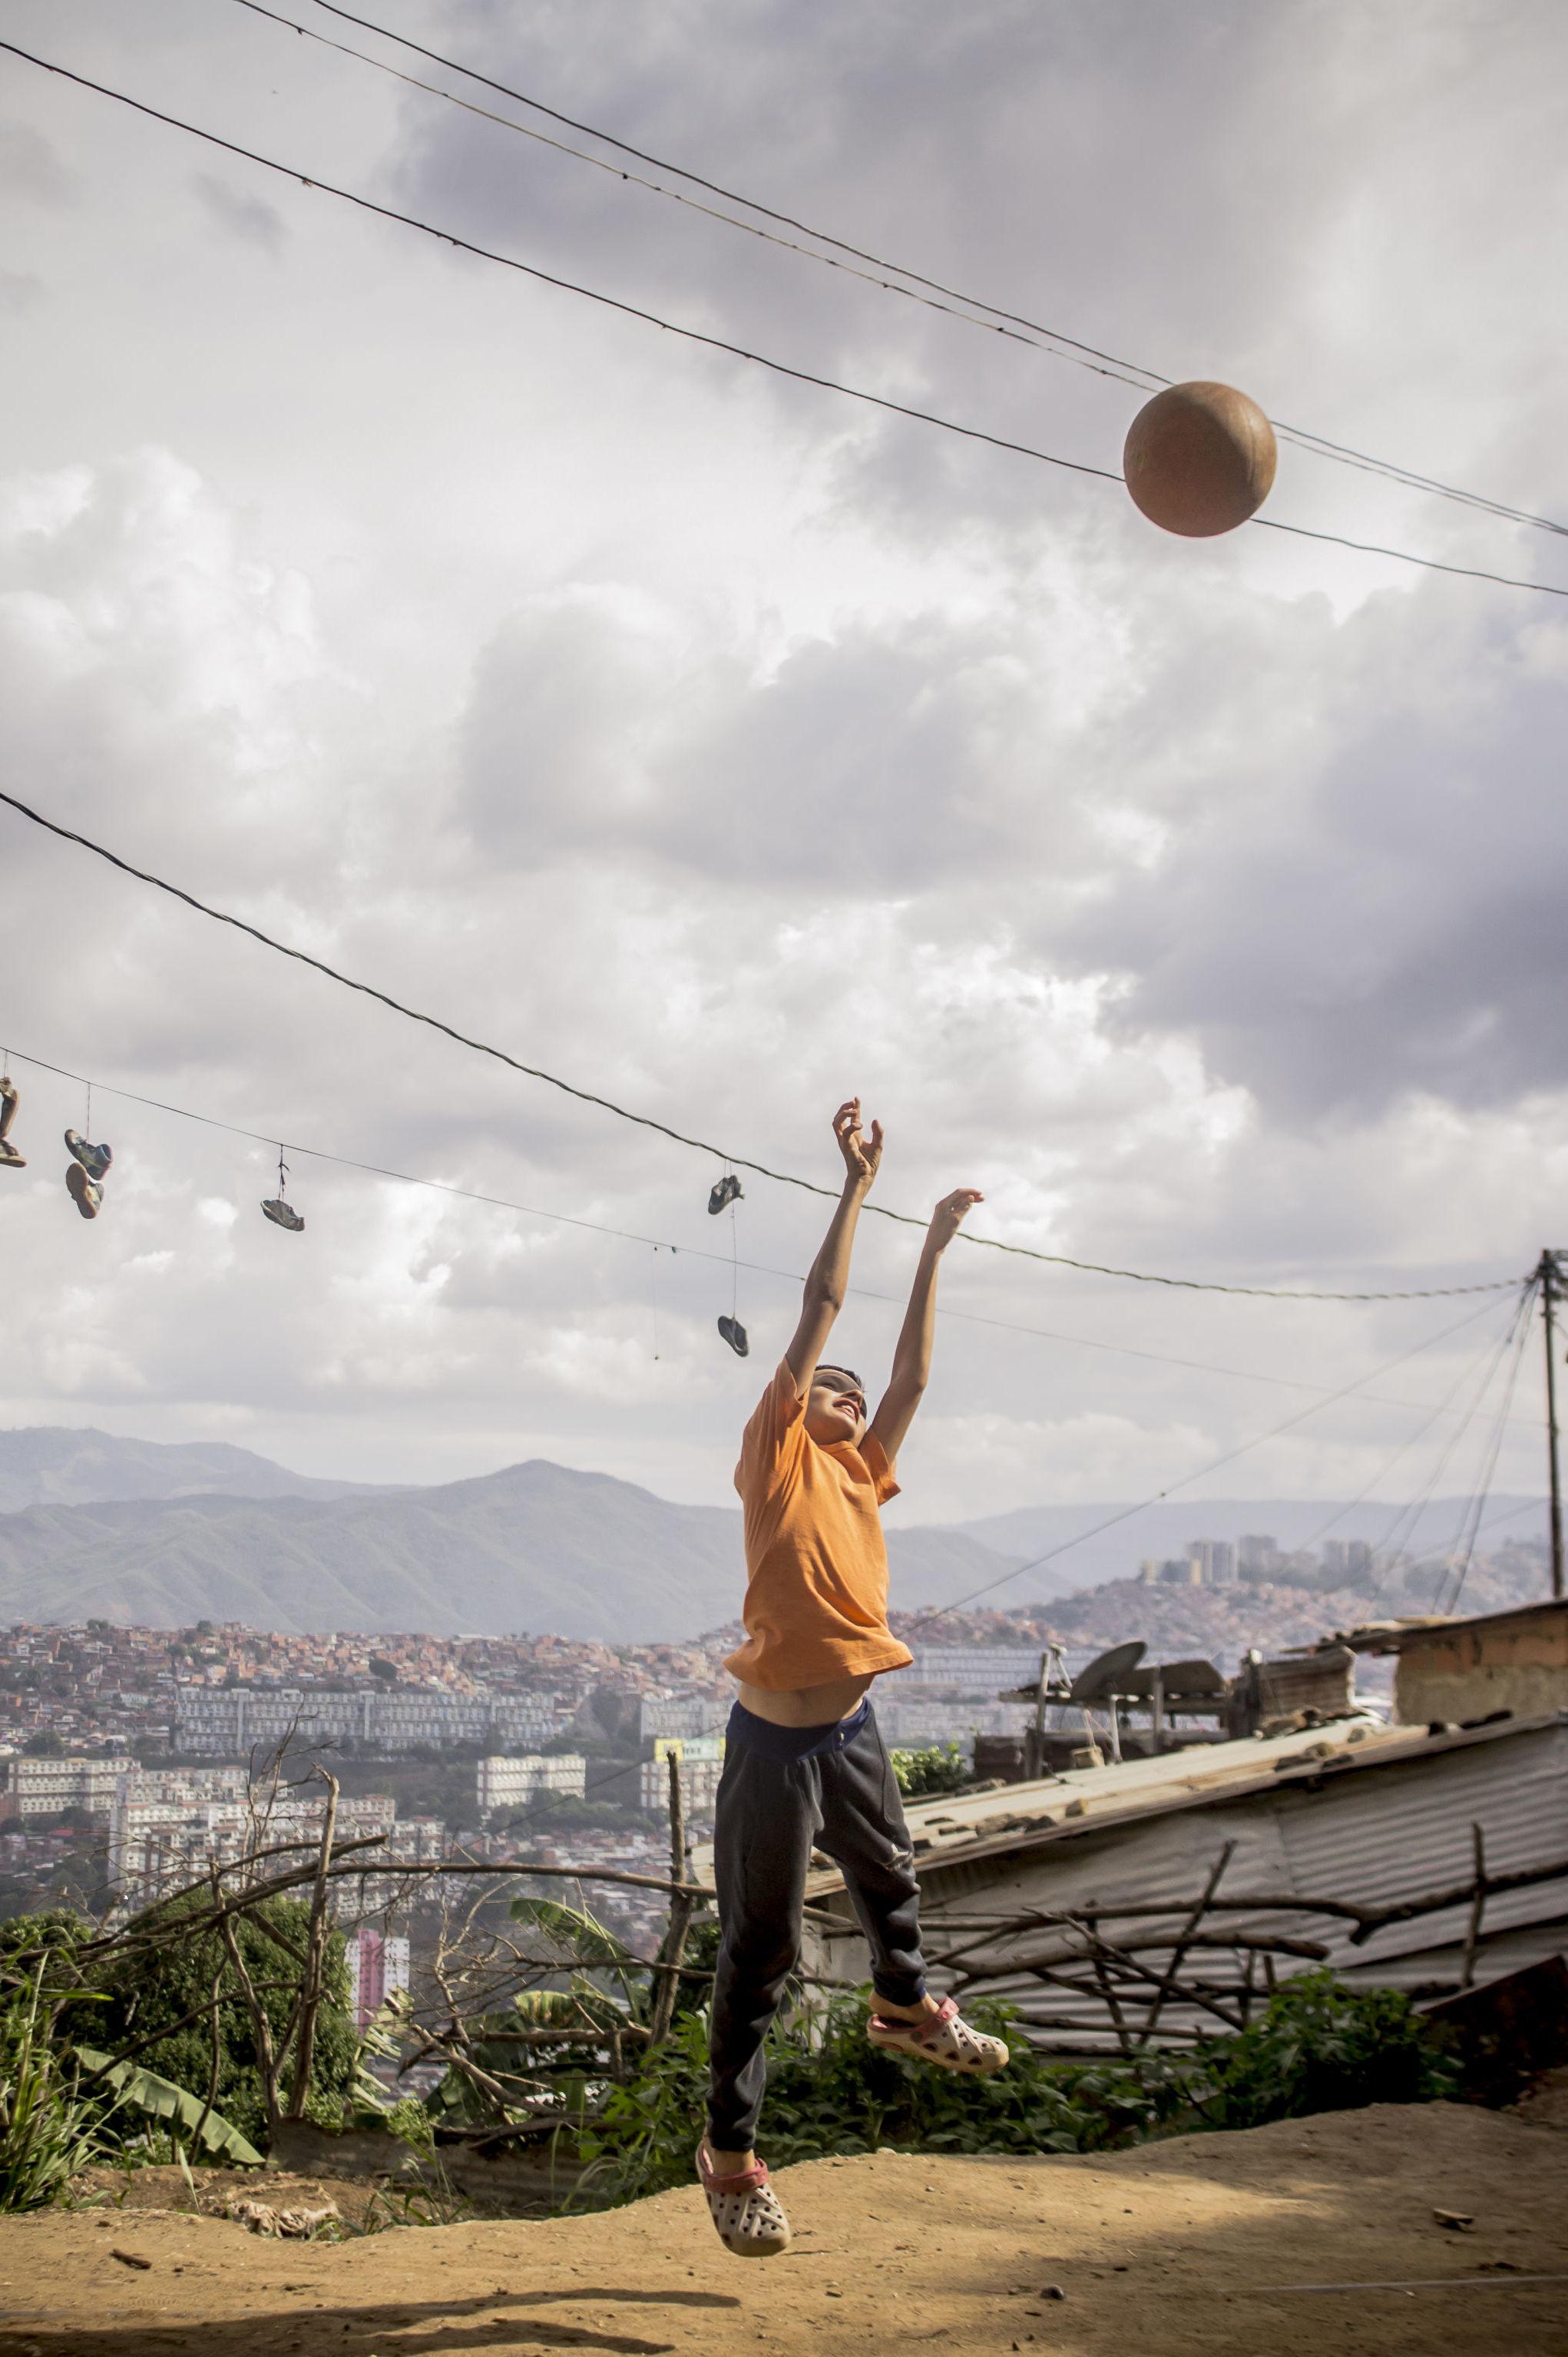 Niño jugando a la pelota en La Pastora, Caracas